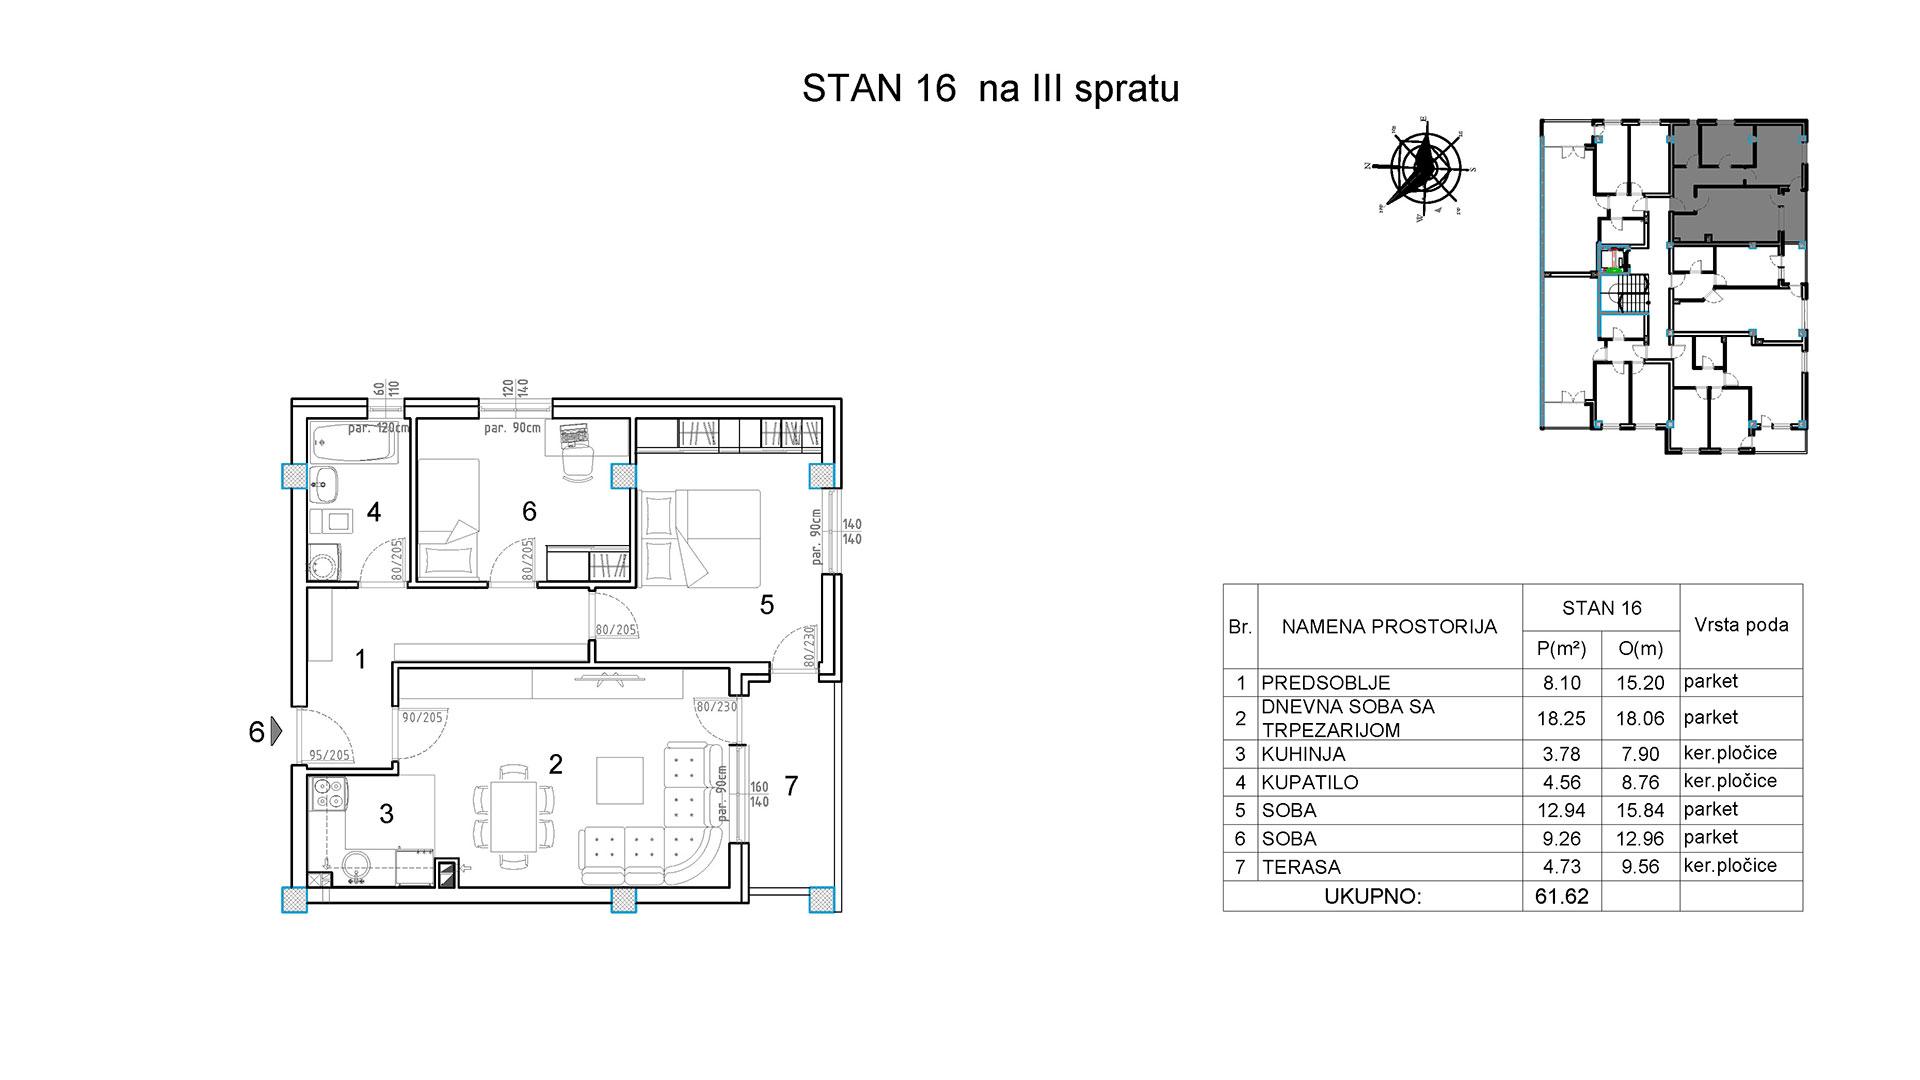 Objekat u Borivoja Stevanovica bb - Stan 16